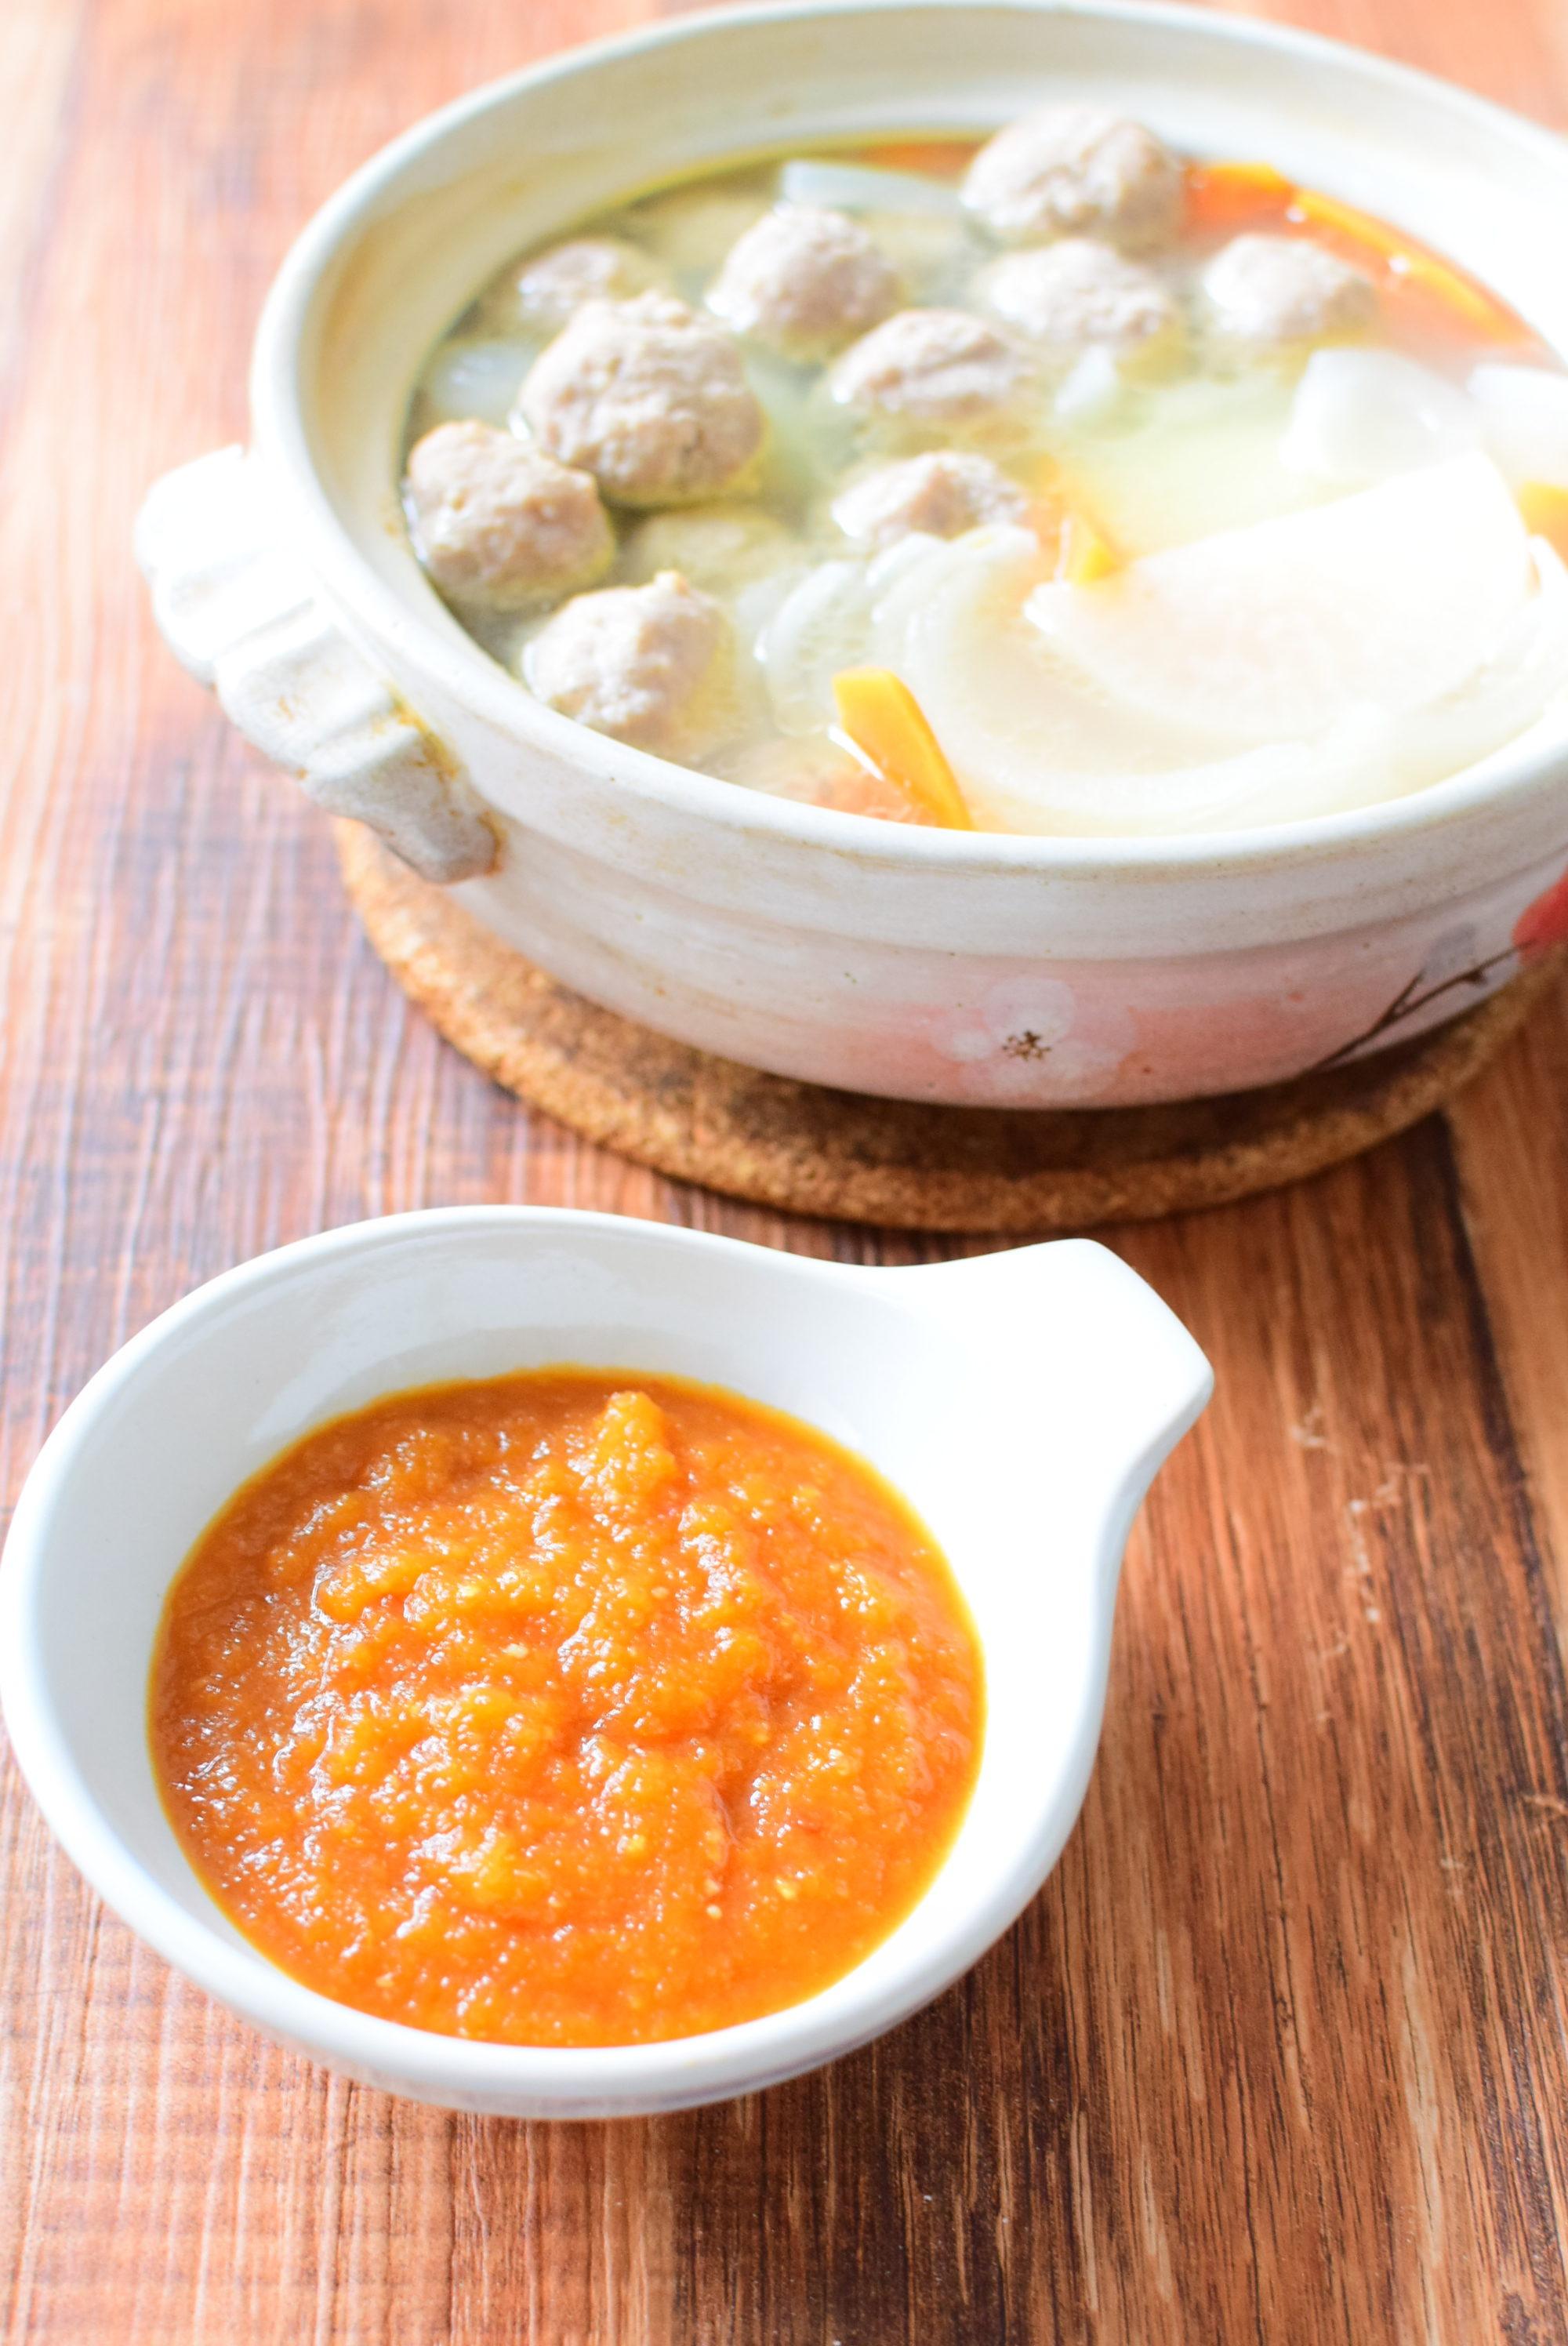 りんご醤油ダレをつけて召し上がれ!肉団子鍋のレシピ